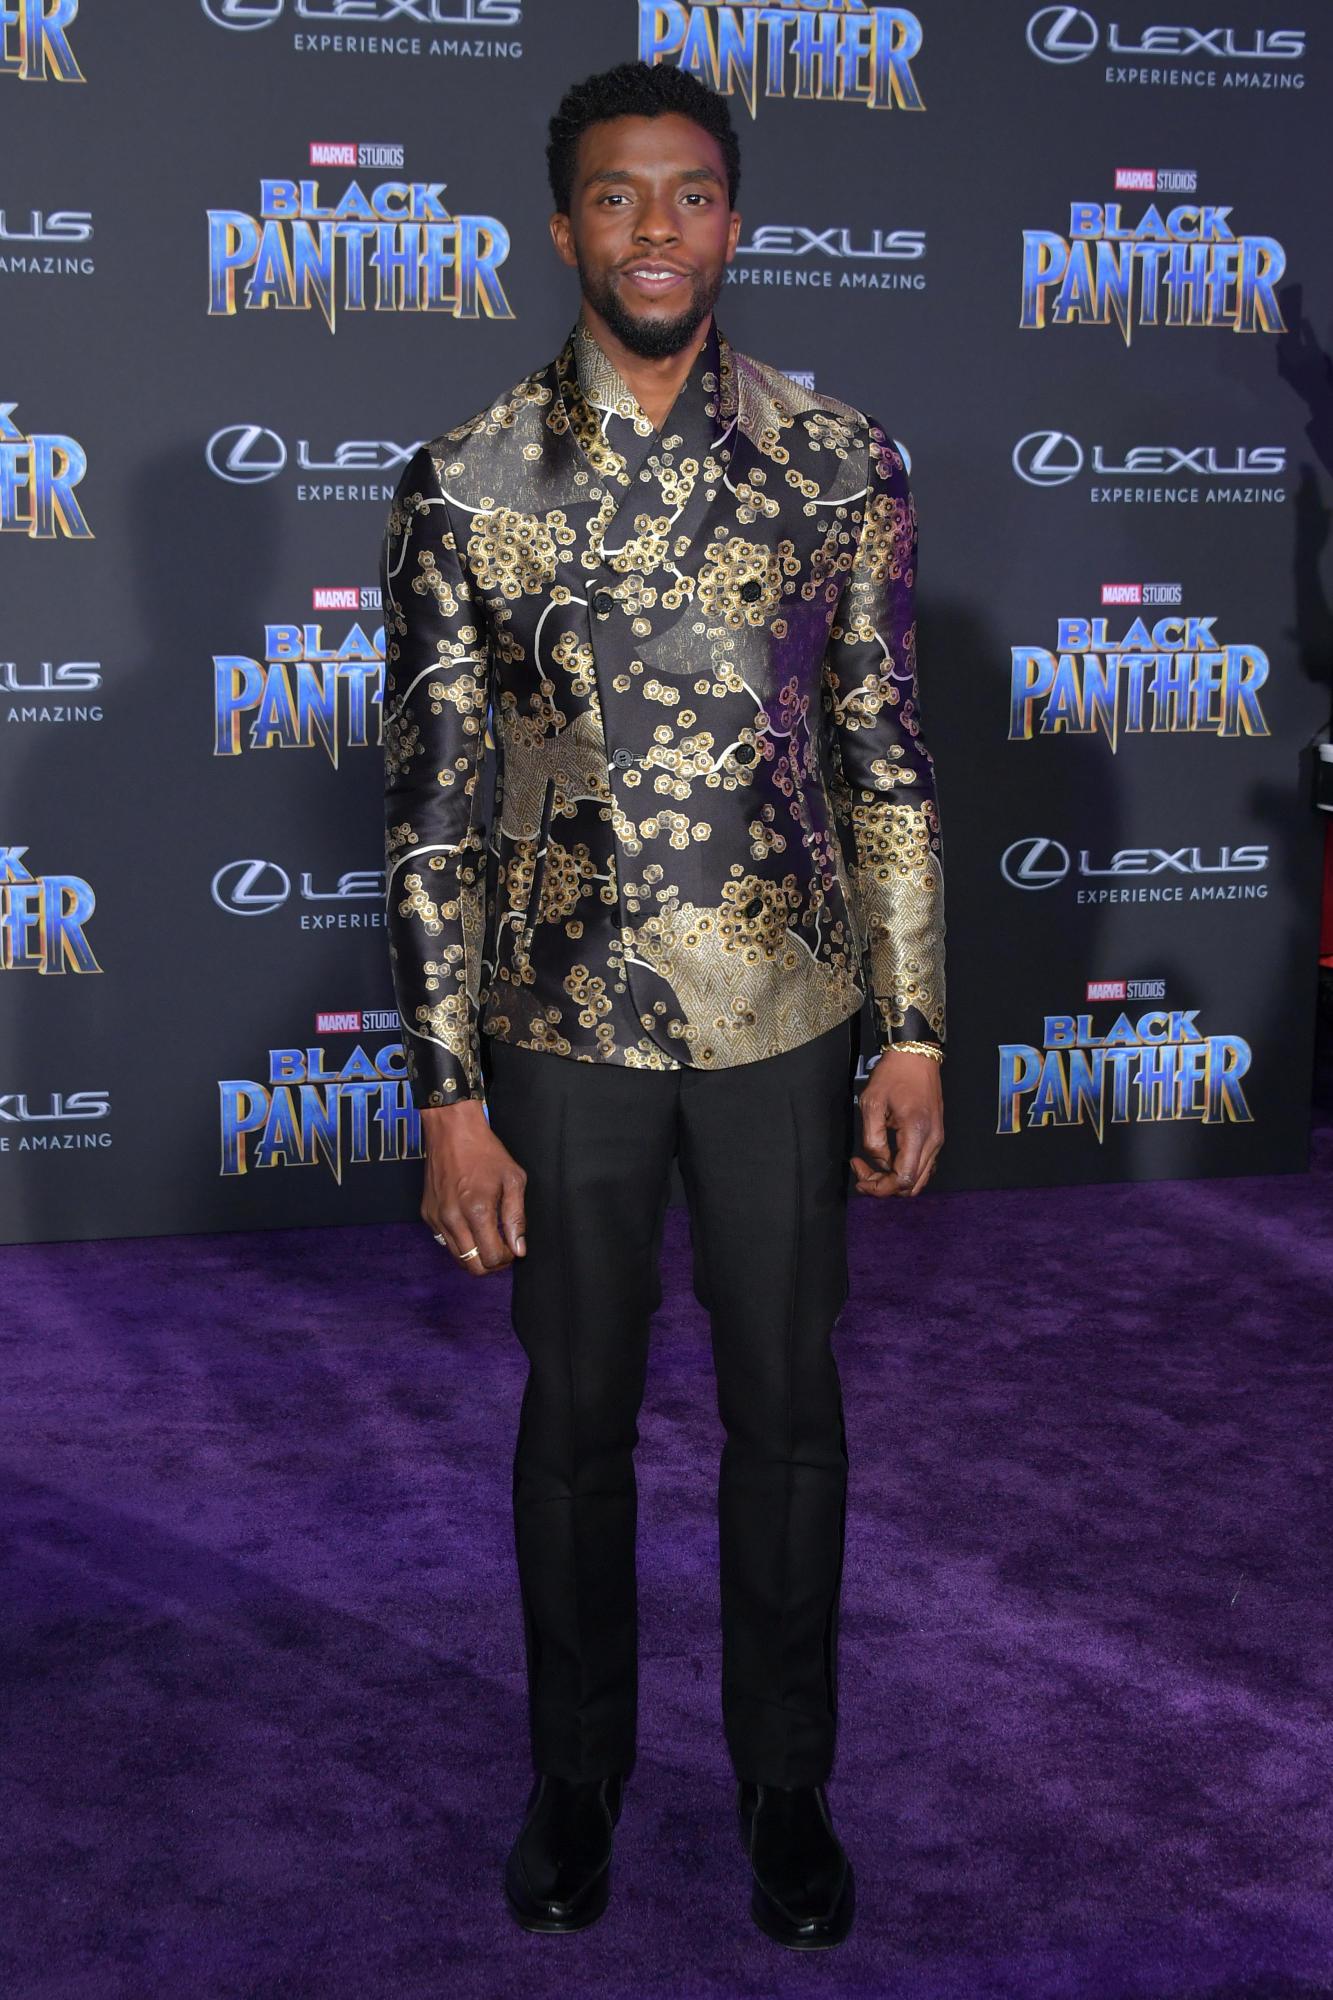 """Sao Black Panther trang phục """"quý tộc"""" tại buổi công chiếu phim 1"""